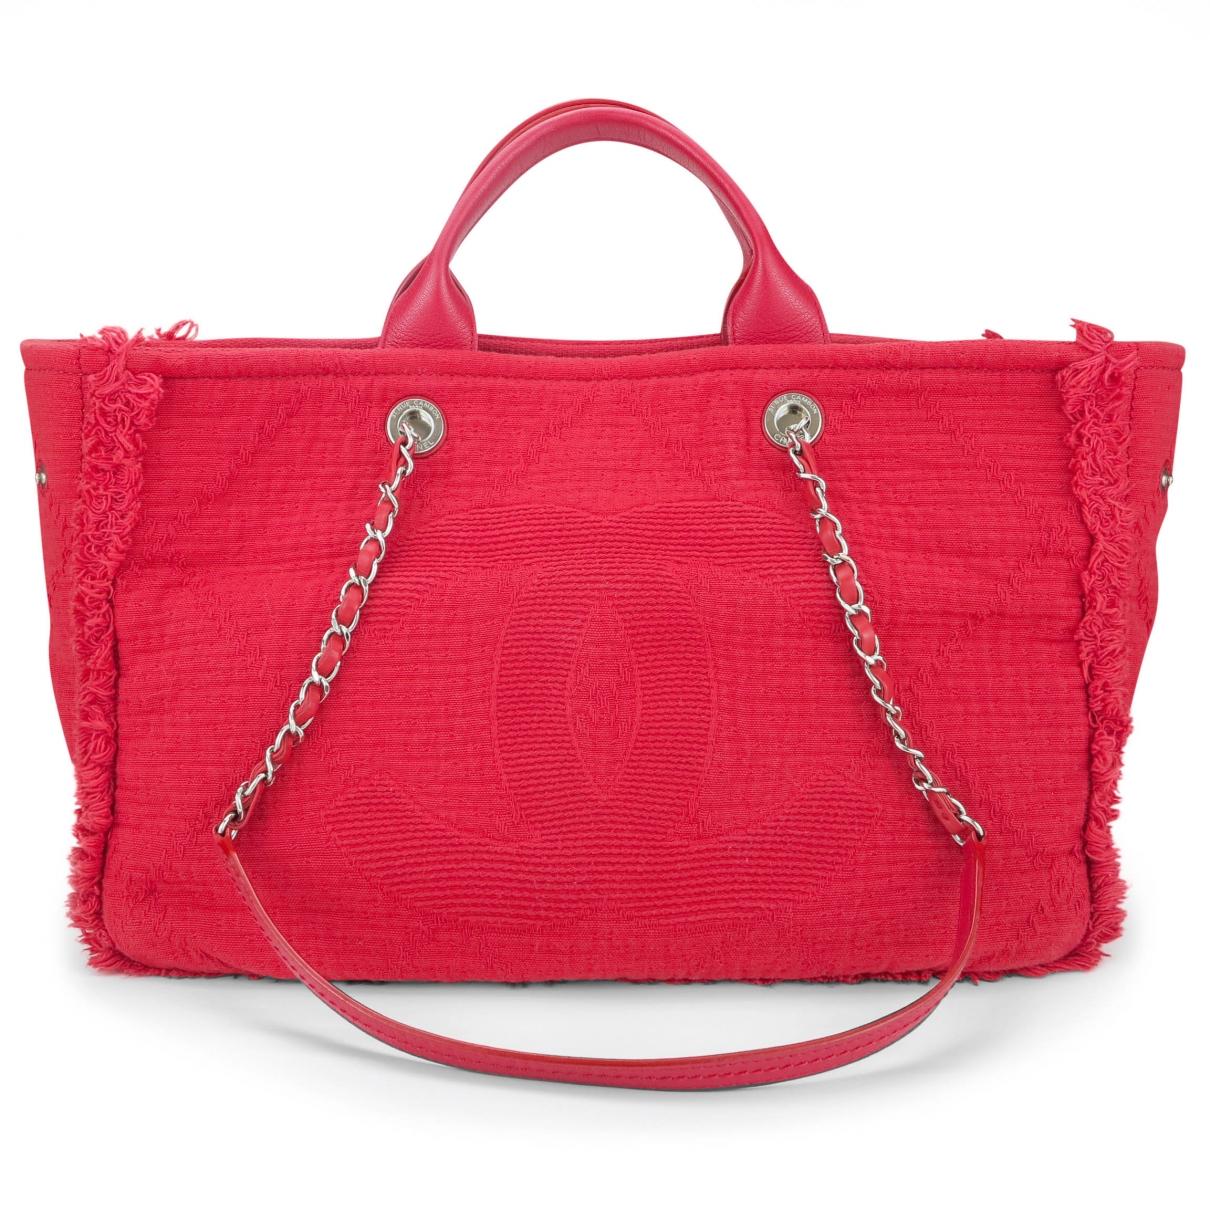 Chanel - Sac a main Deauville pour femme en toile - rouge